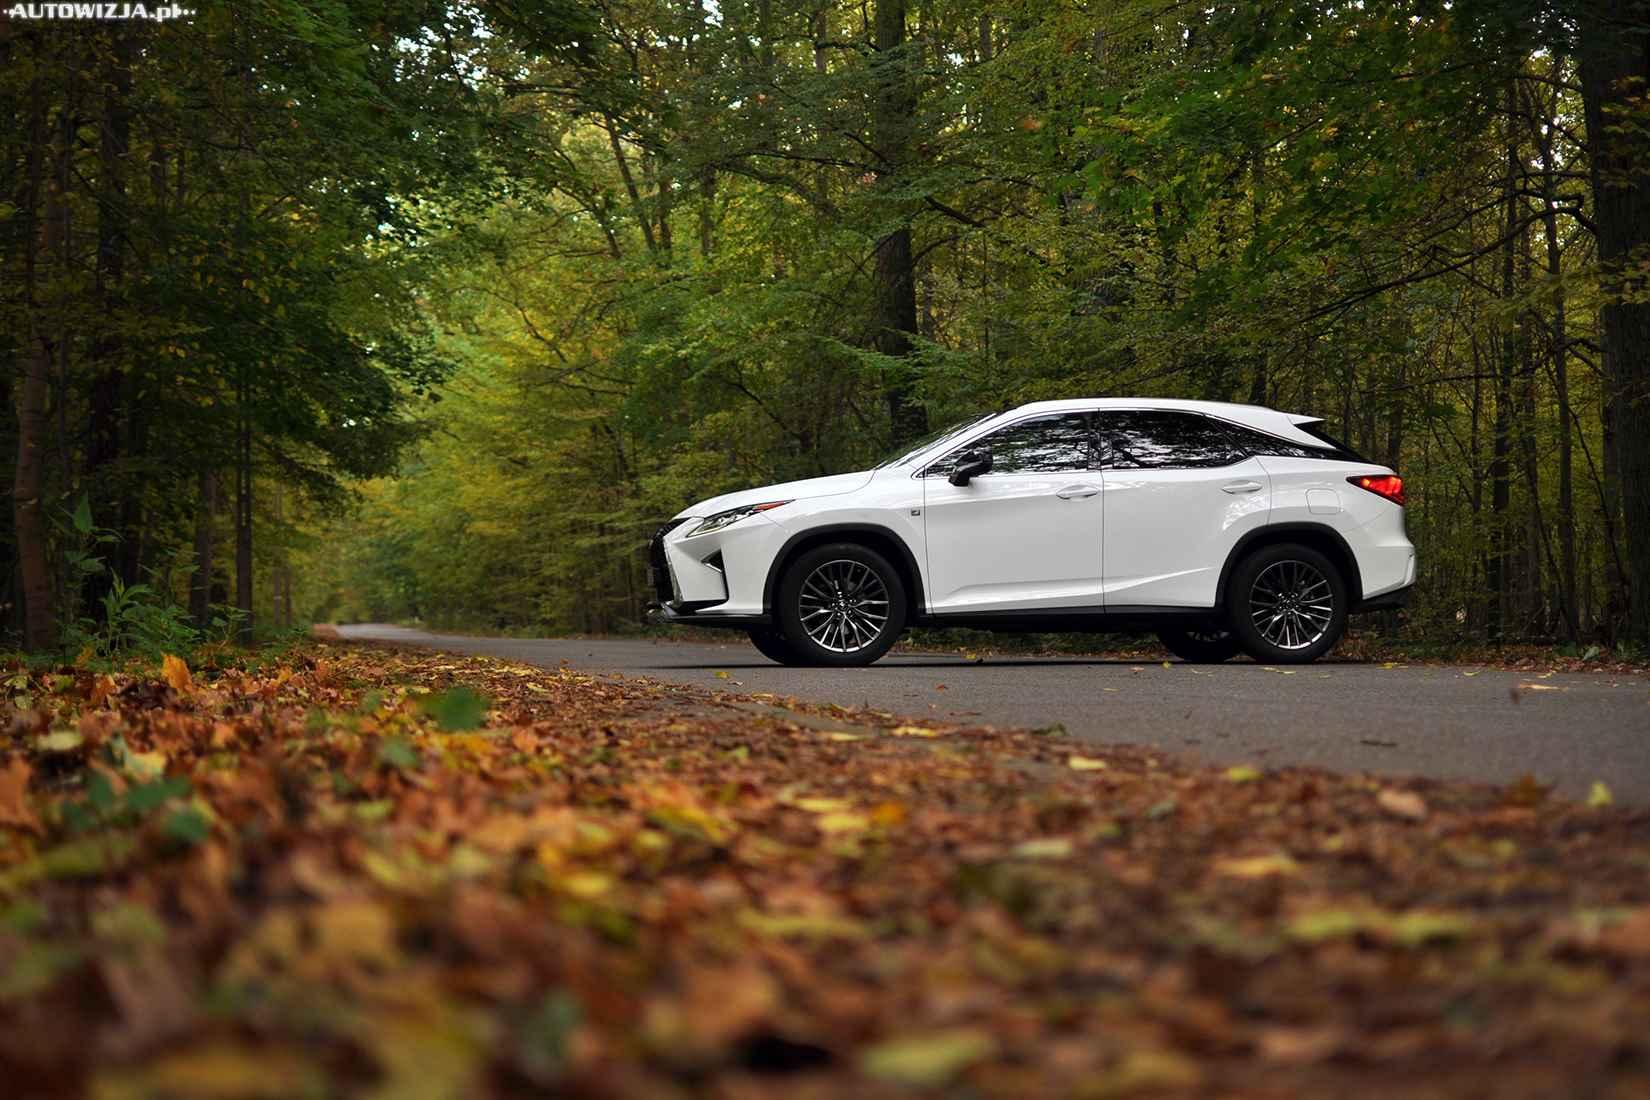 Lexus RX200t - TEST - AUTOWIZJA.pl - Motoryzacja